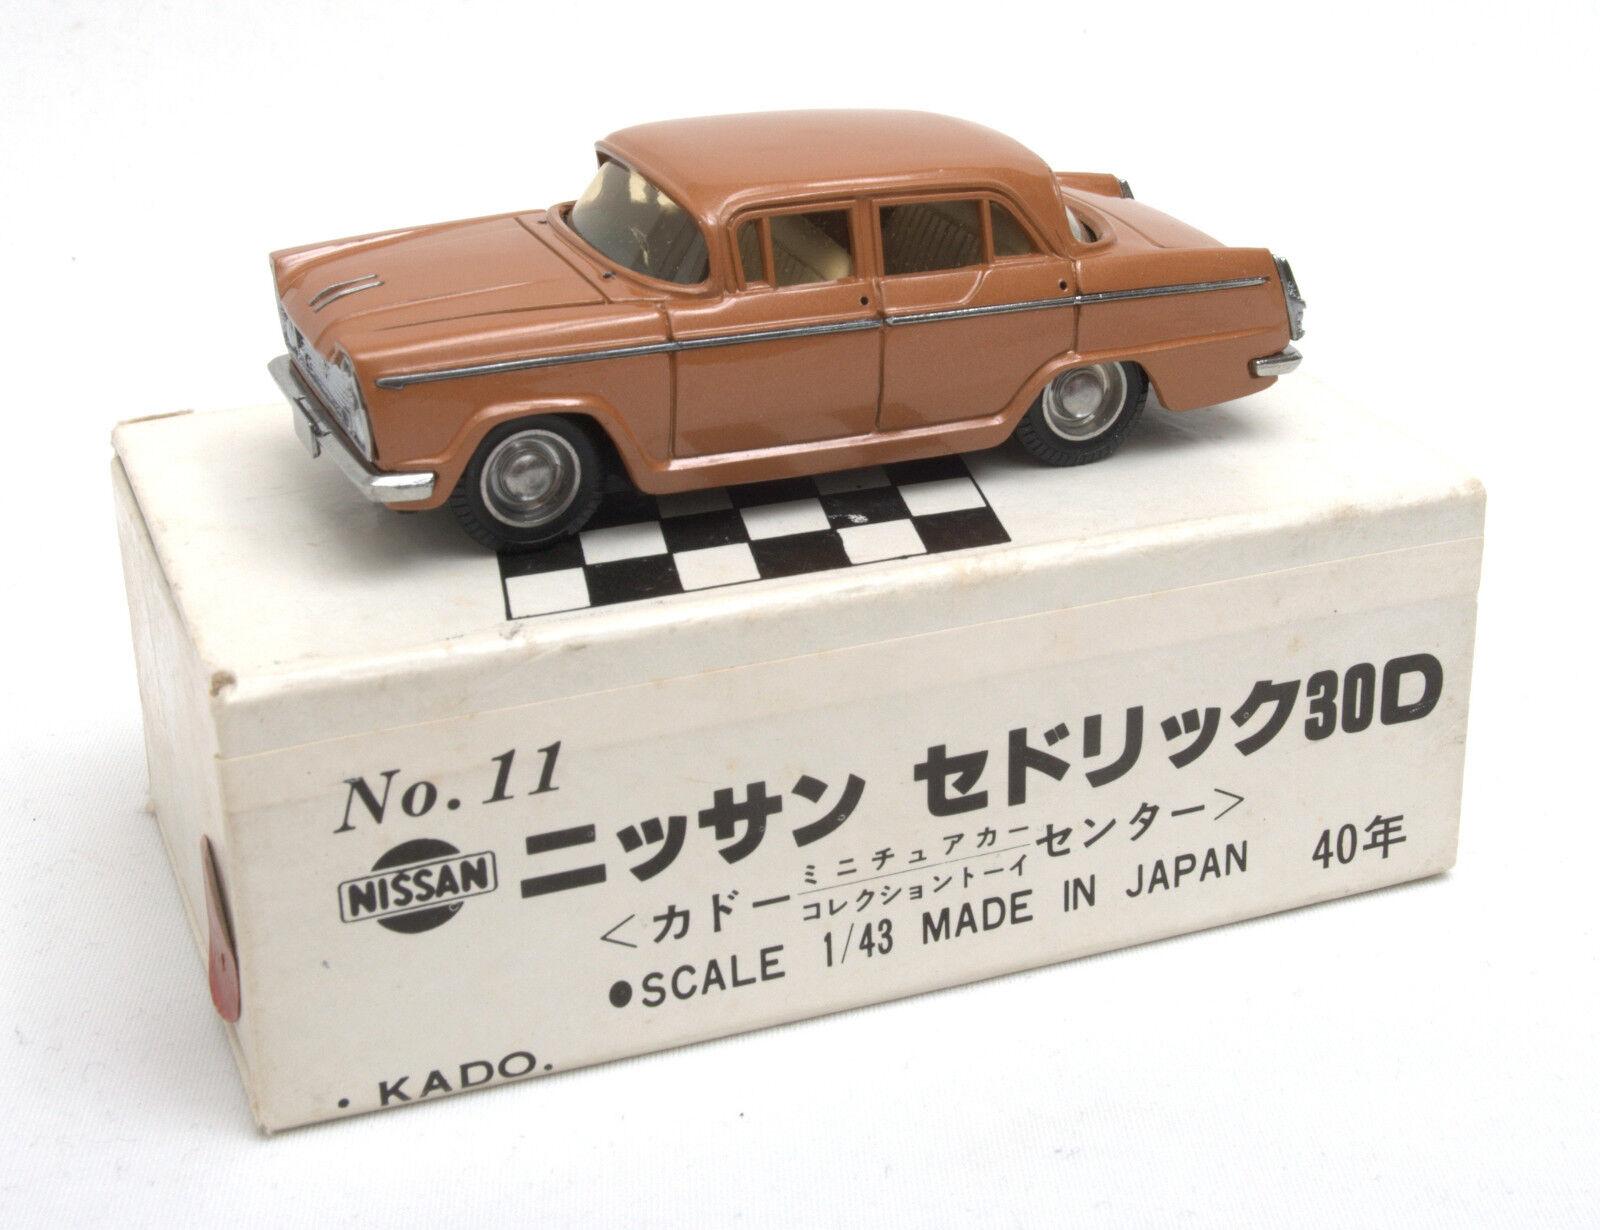 elige tu favorito Kado (Japón) 1 43 Nissan Cedric 30D 30D 30D 1960 Modelo No.11  sin usar en caja   Todos los productos obtienen hasta un 34% de descuento.